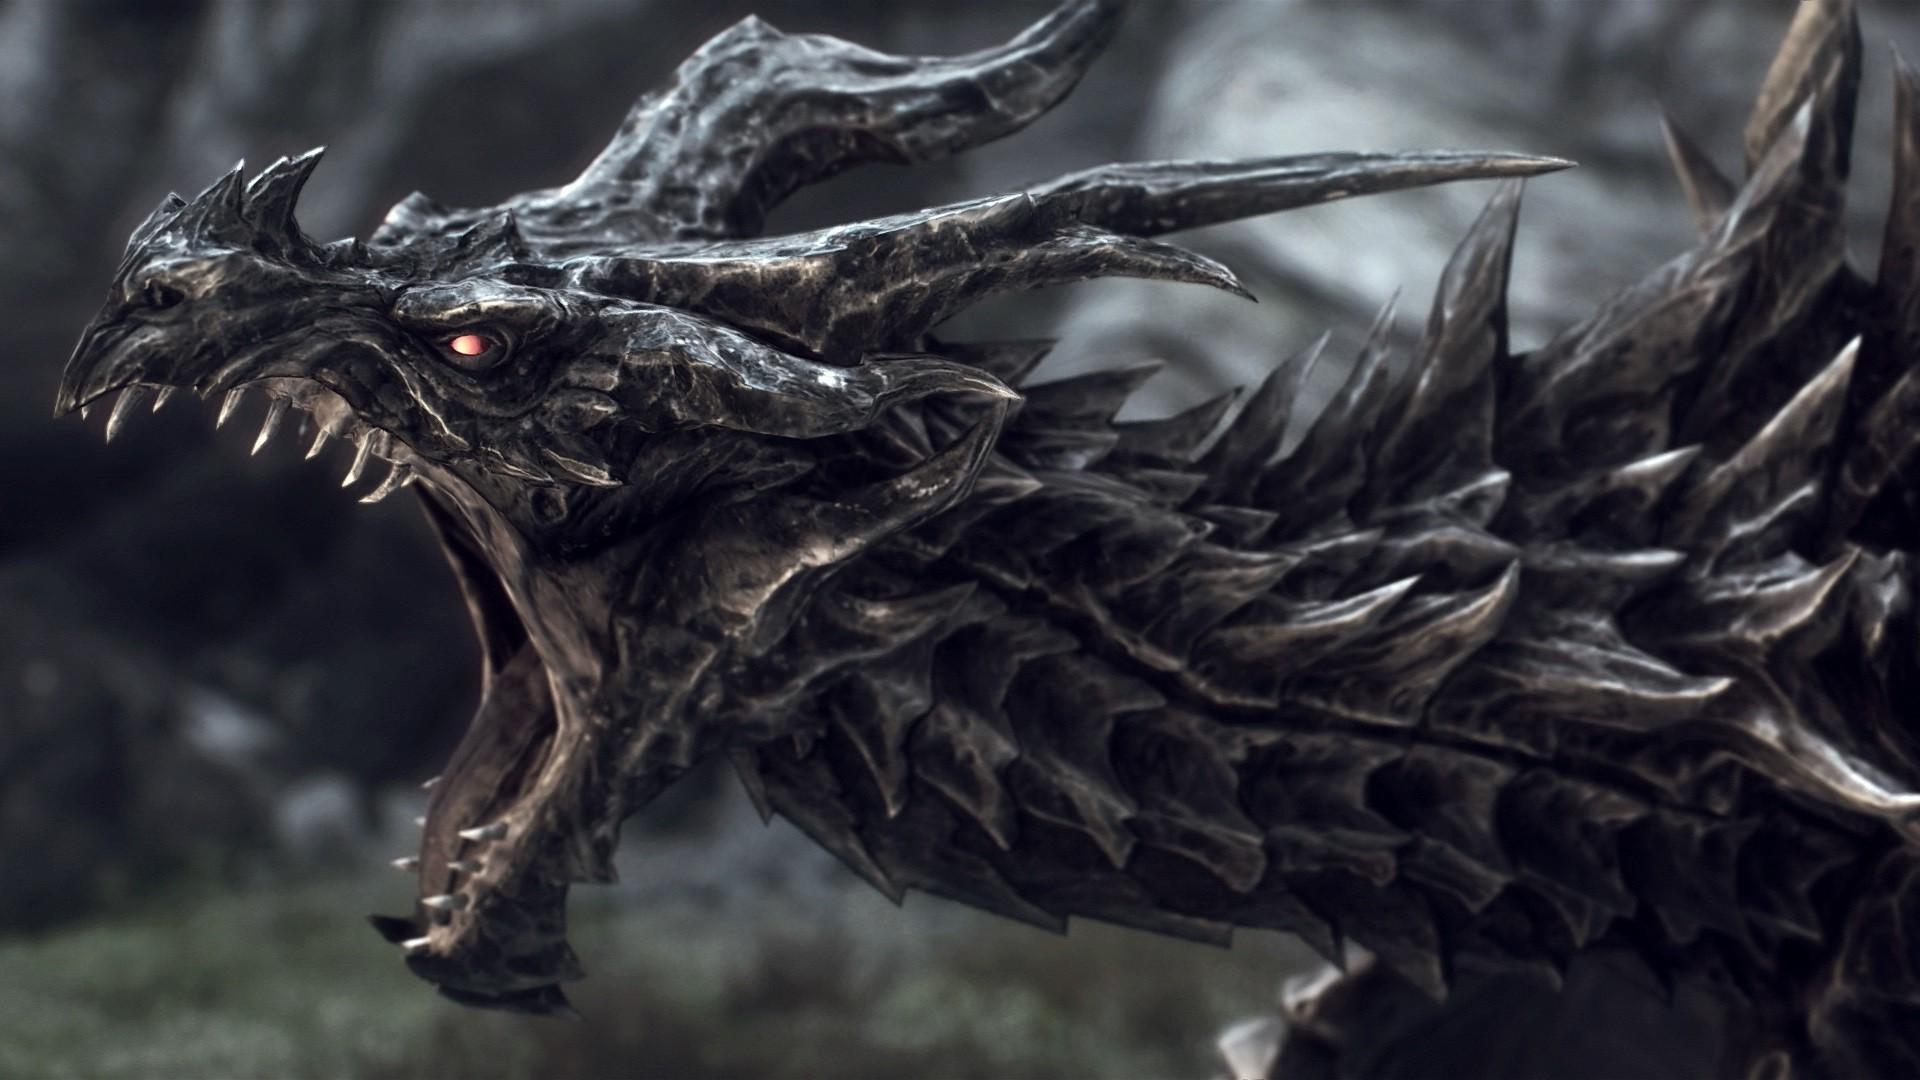 dragon, Fantasy Art, Digital Art, The Elder Scrolls, The Elder Scrolls V:  Skyrim, Alduin Wallpapers HD / Desktop and Mobile Backgrounds